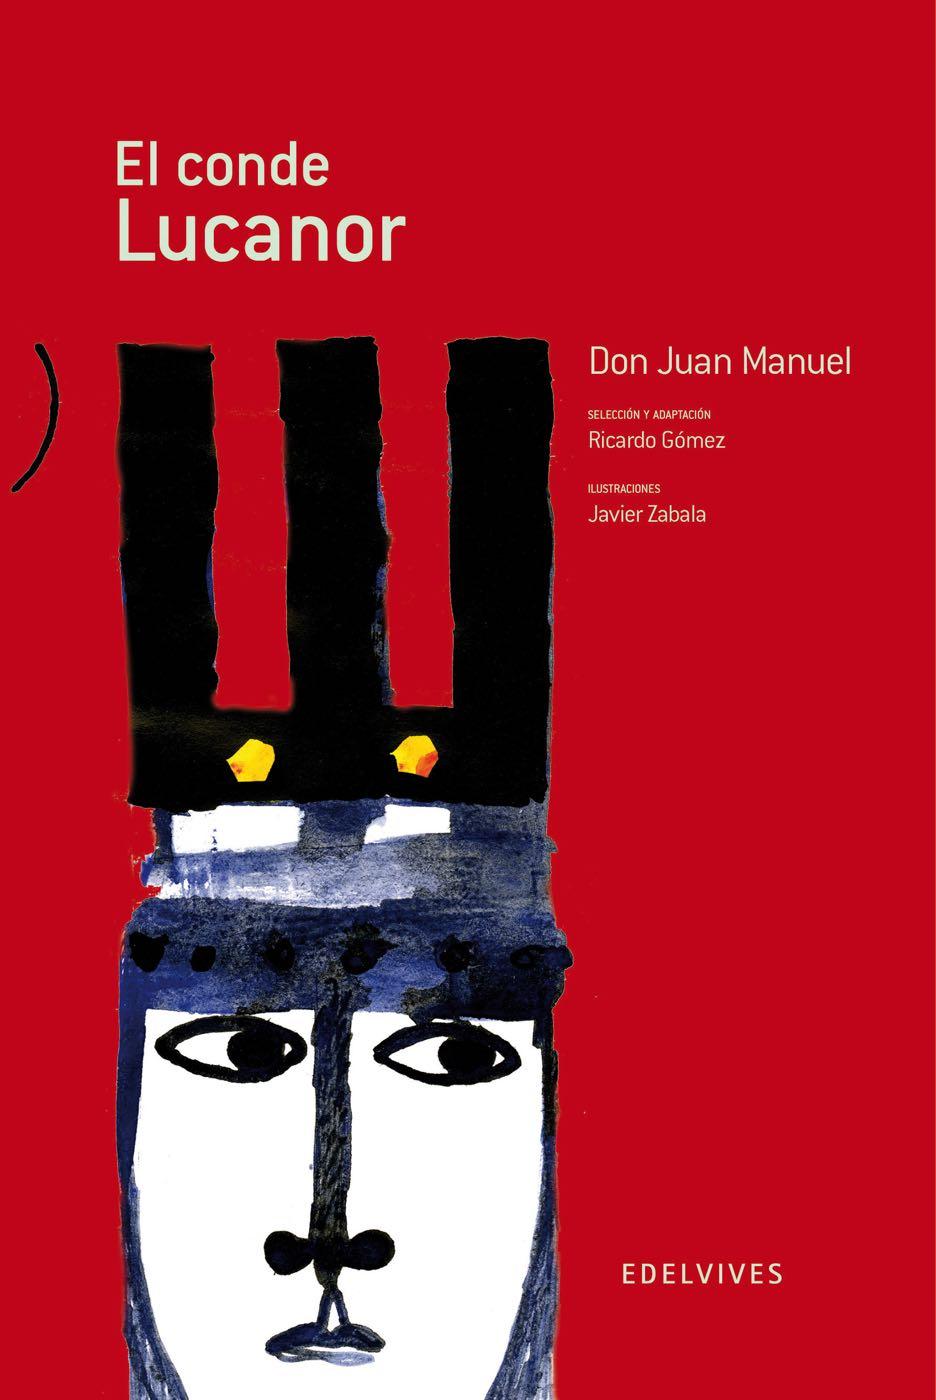 El Conde Lucanor De Don Juan Manuel Es Un A Clásicos De Sociedad Historia Mundo Contemporáneo Para Edades De 10 A 12 Años Album Ilustrado Libros Conde